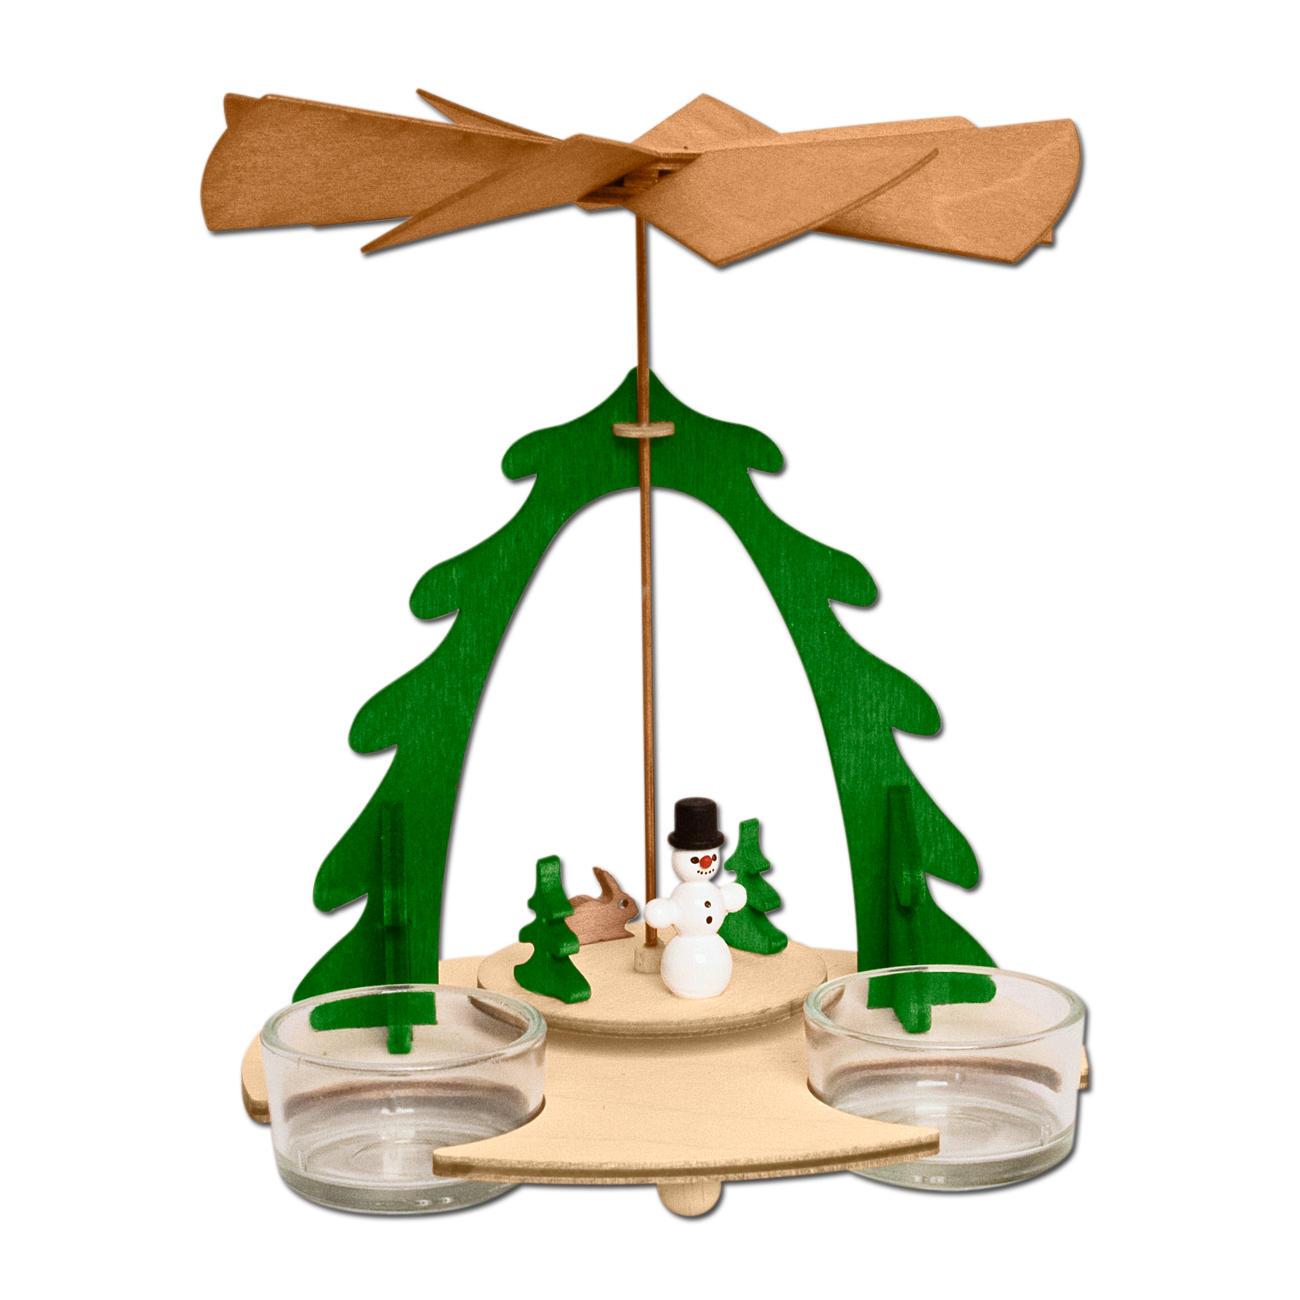 teelichthalter aus holz pyramide schneemann. Black Bedroom Furniture Sets. Home Design Ideas